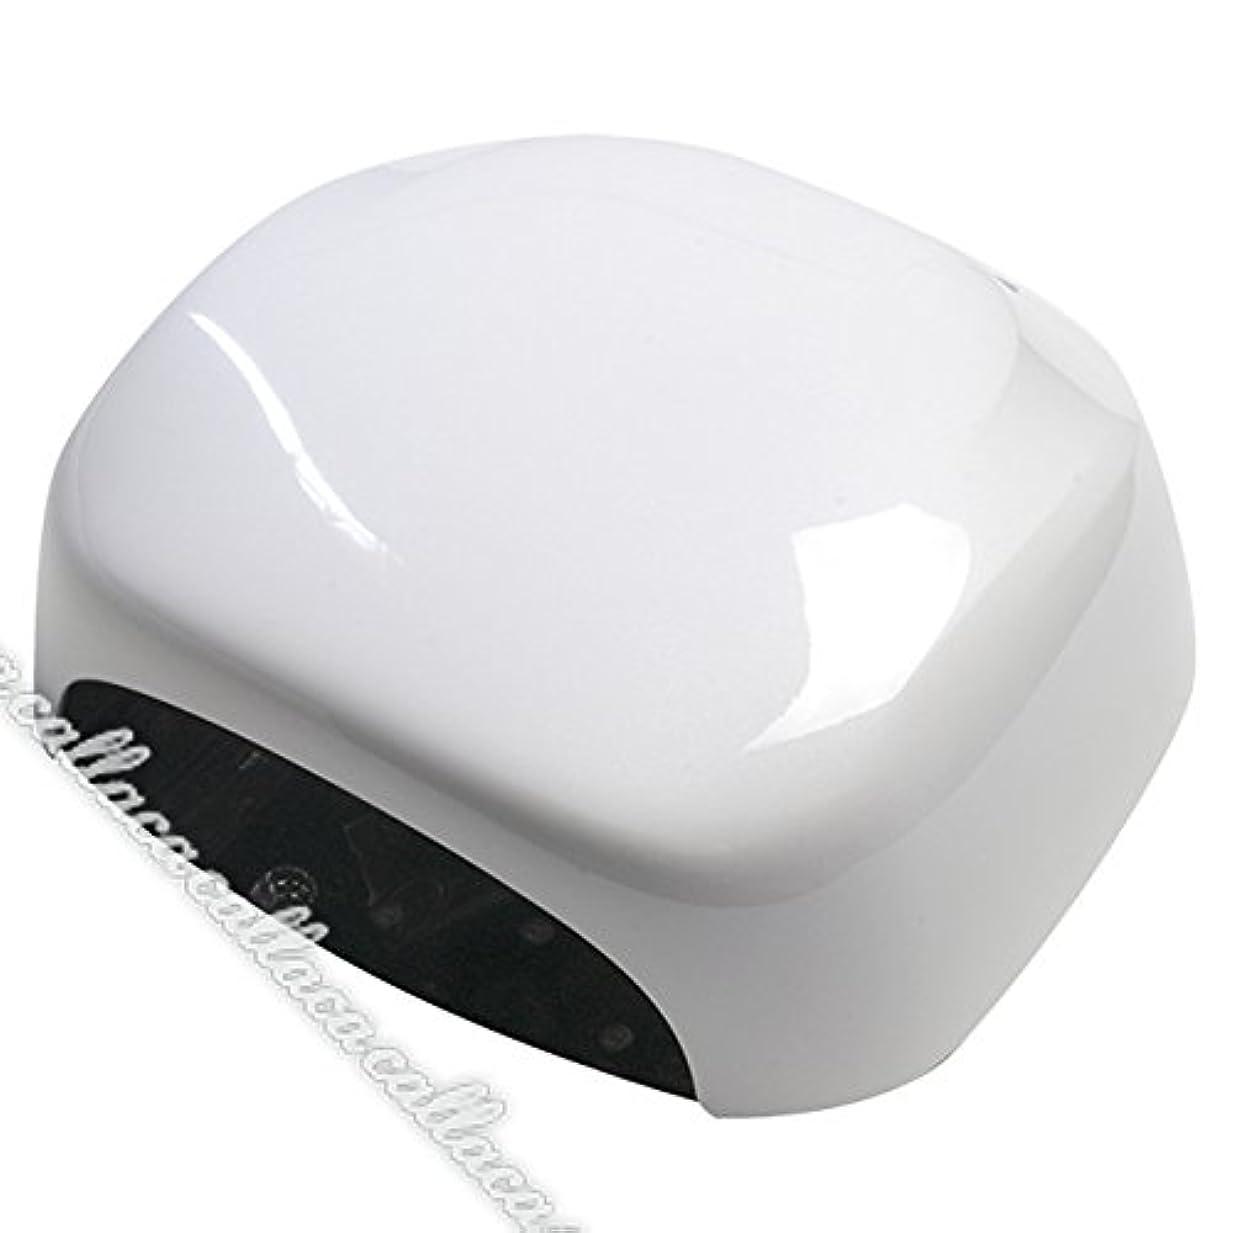 雄弁鼻虫を数えるSHAREYDVA ハイブリッド LEDライト 36W 89458